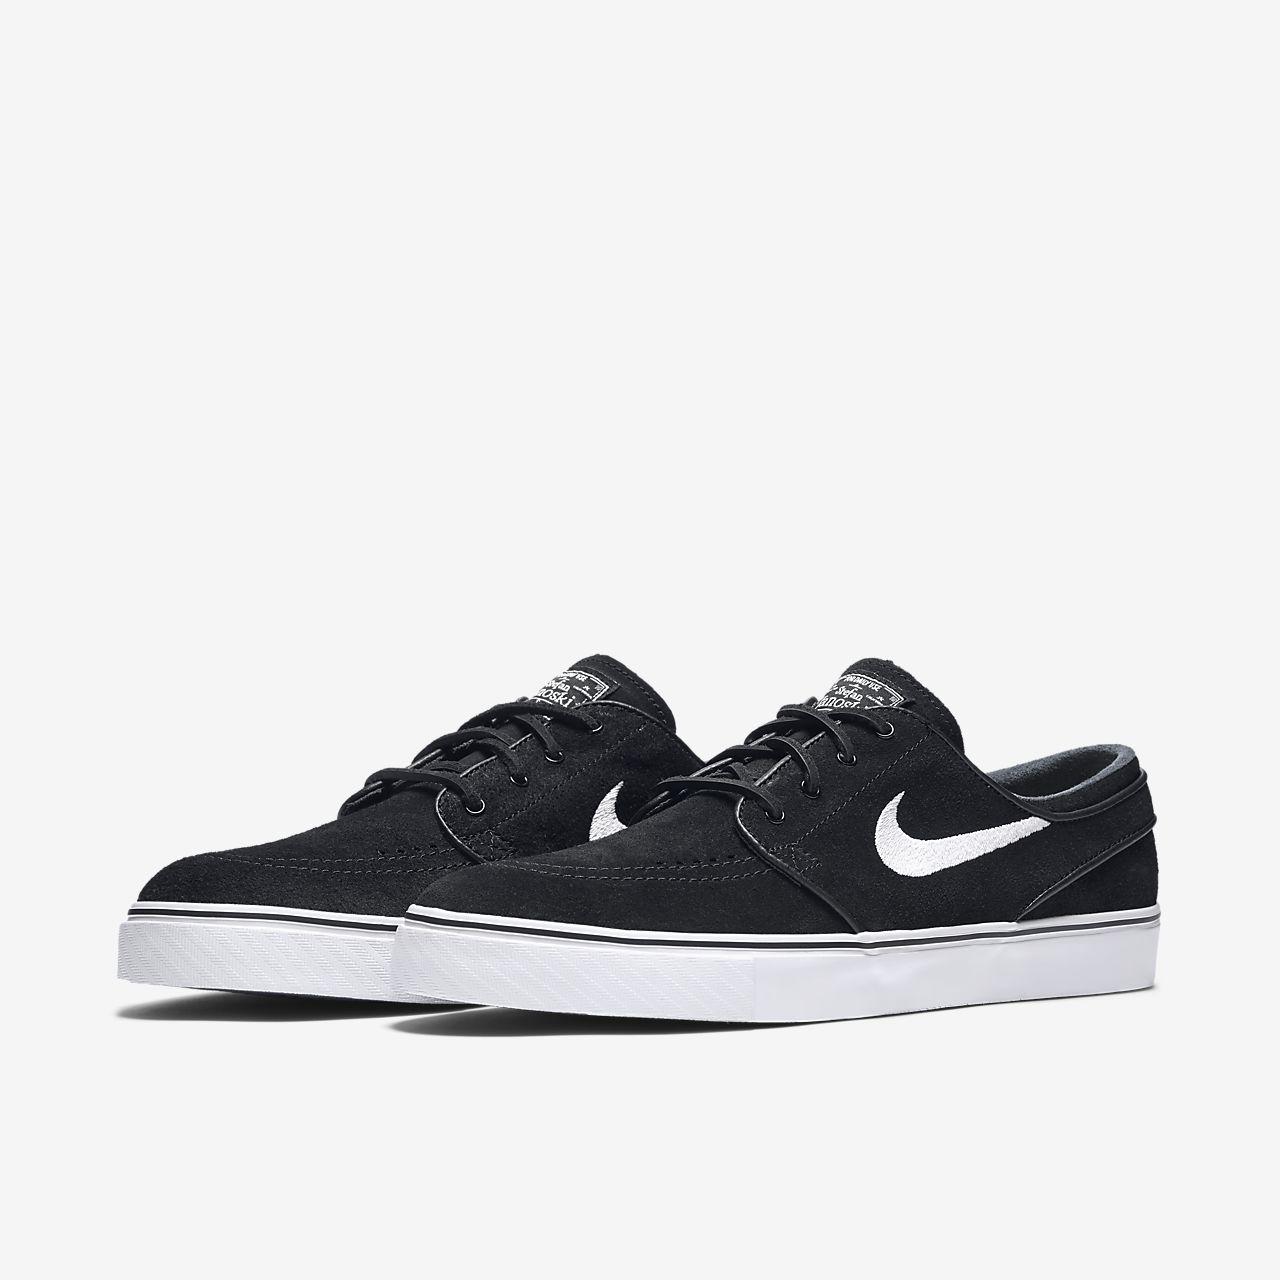 info for ae5b6 00627 ... Calzado de skate para hombre Nike SB Zoom Stefan Janoski OG